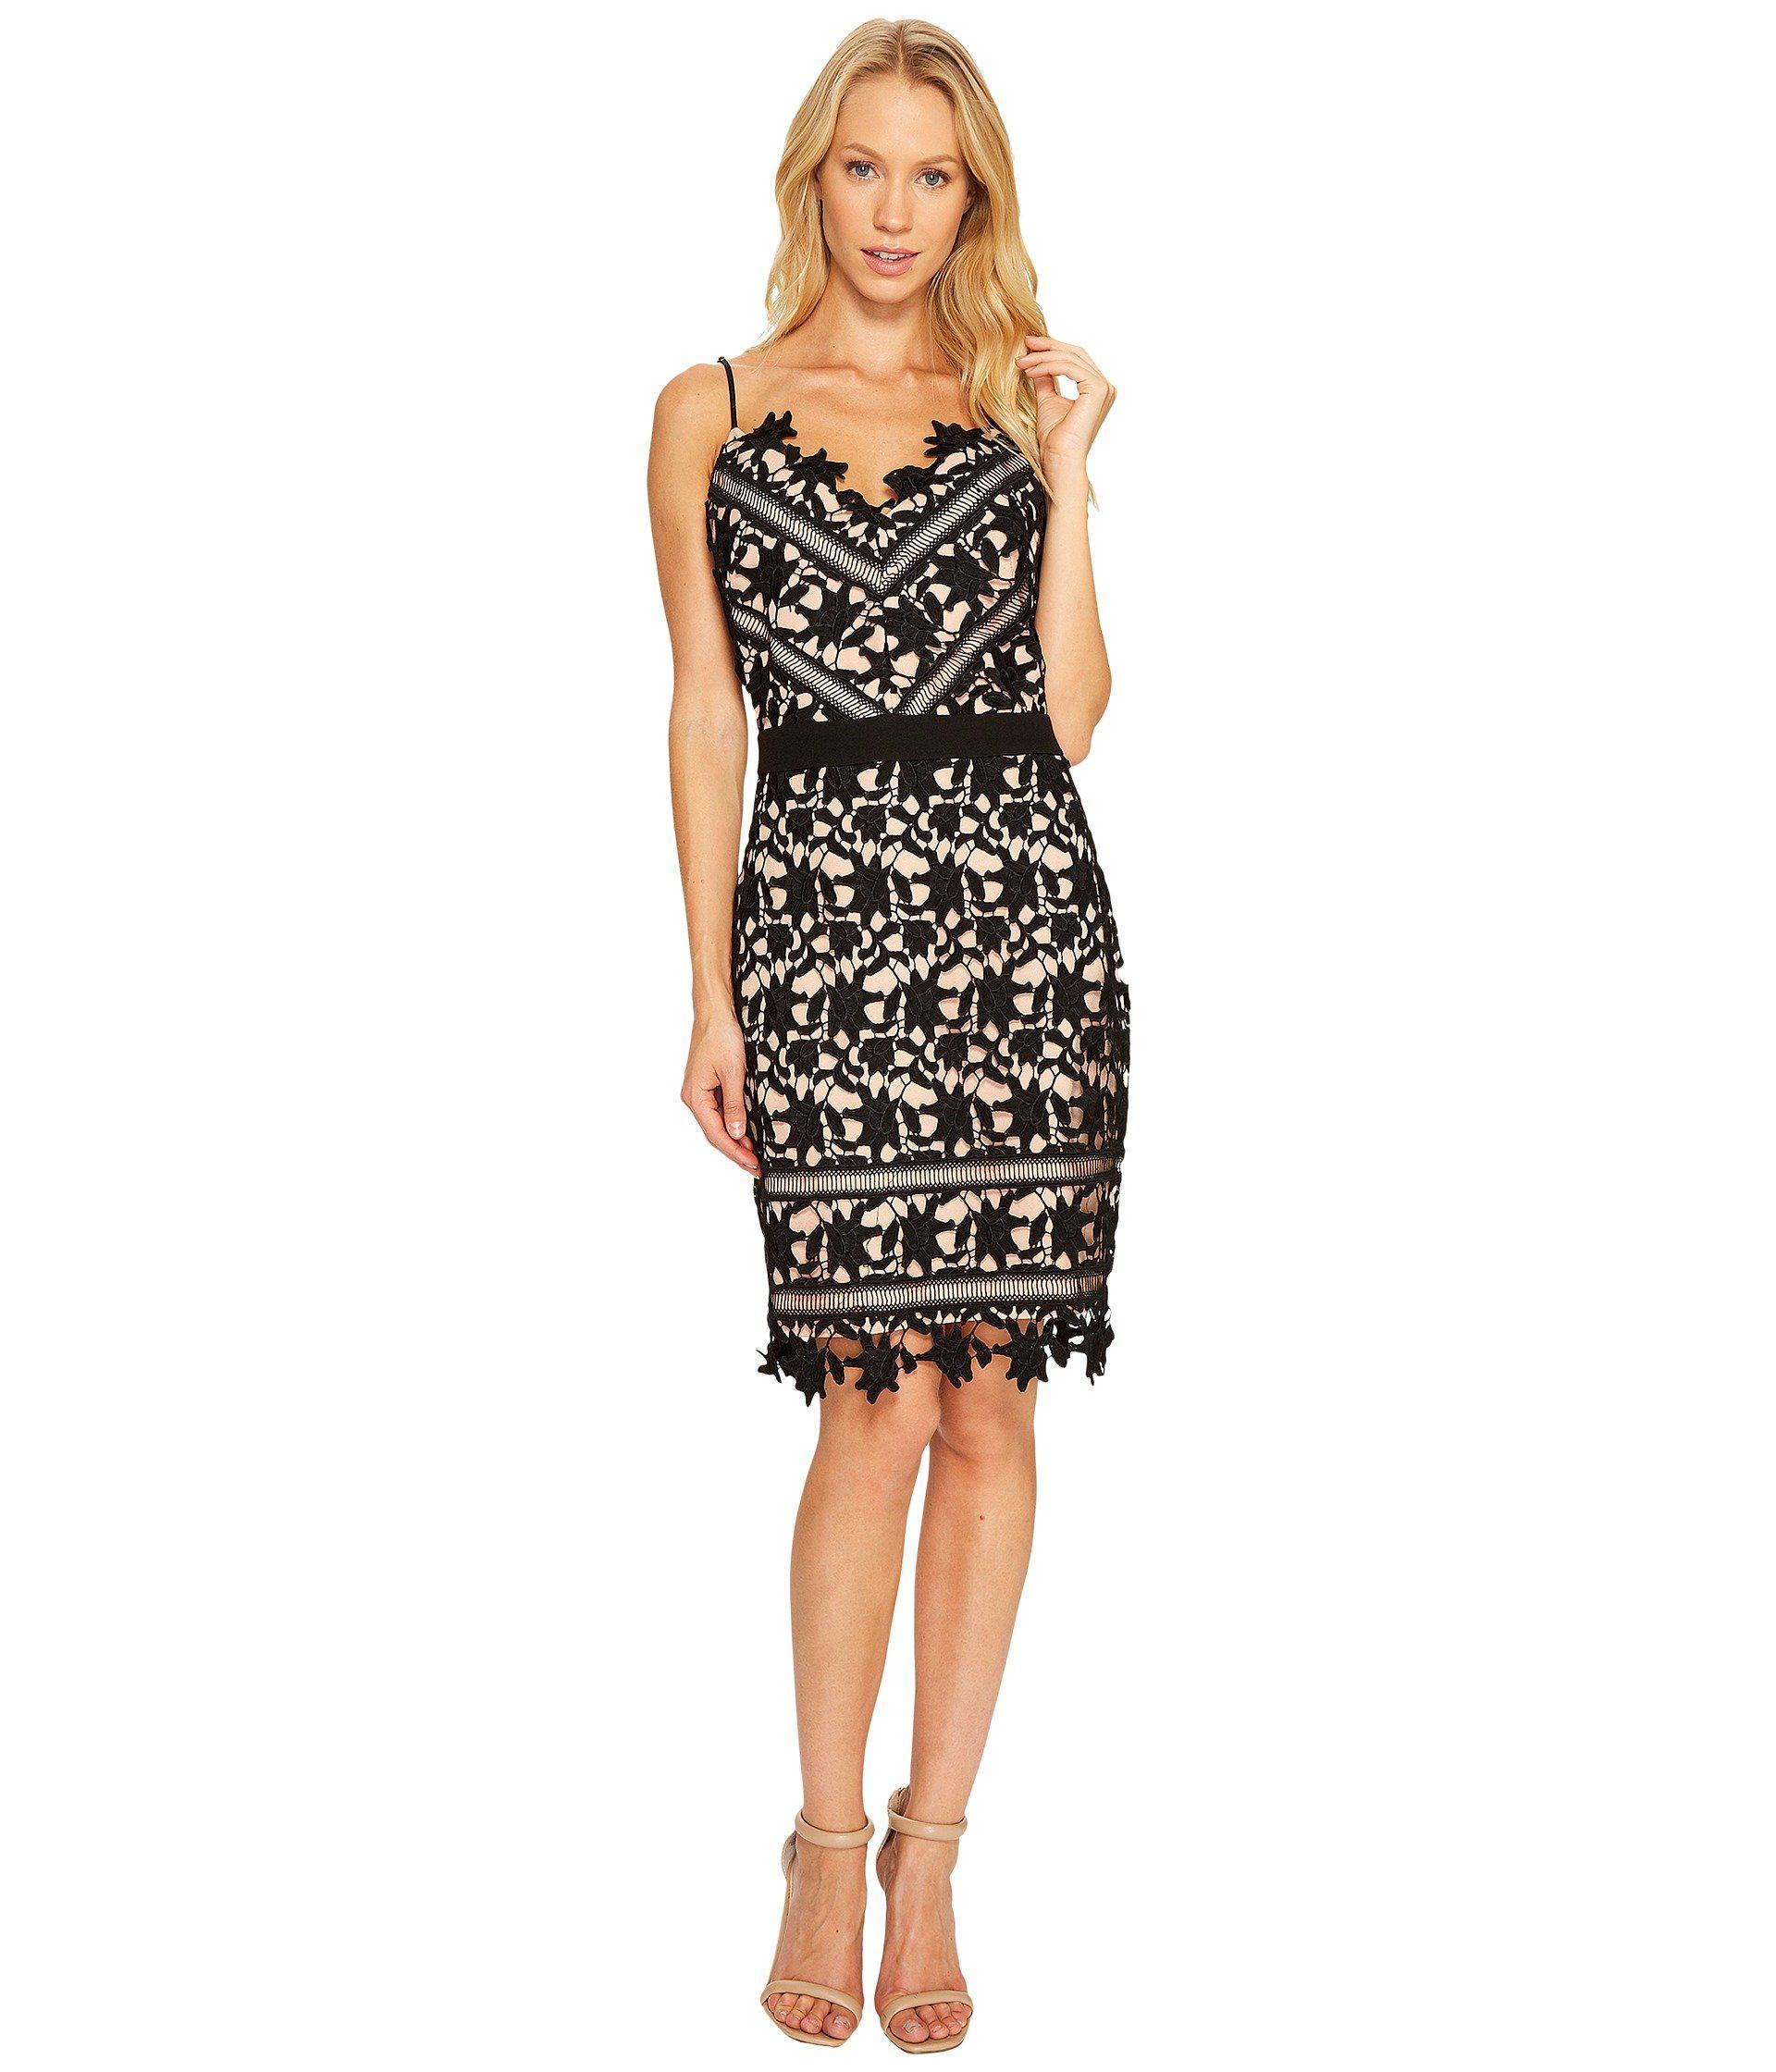 Lyst - Adelyn Rae Whitney Sheath Dress in Black 69e989c9f5